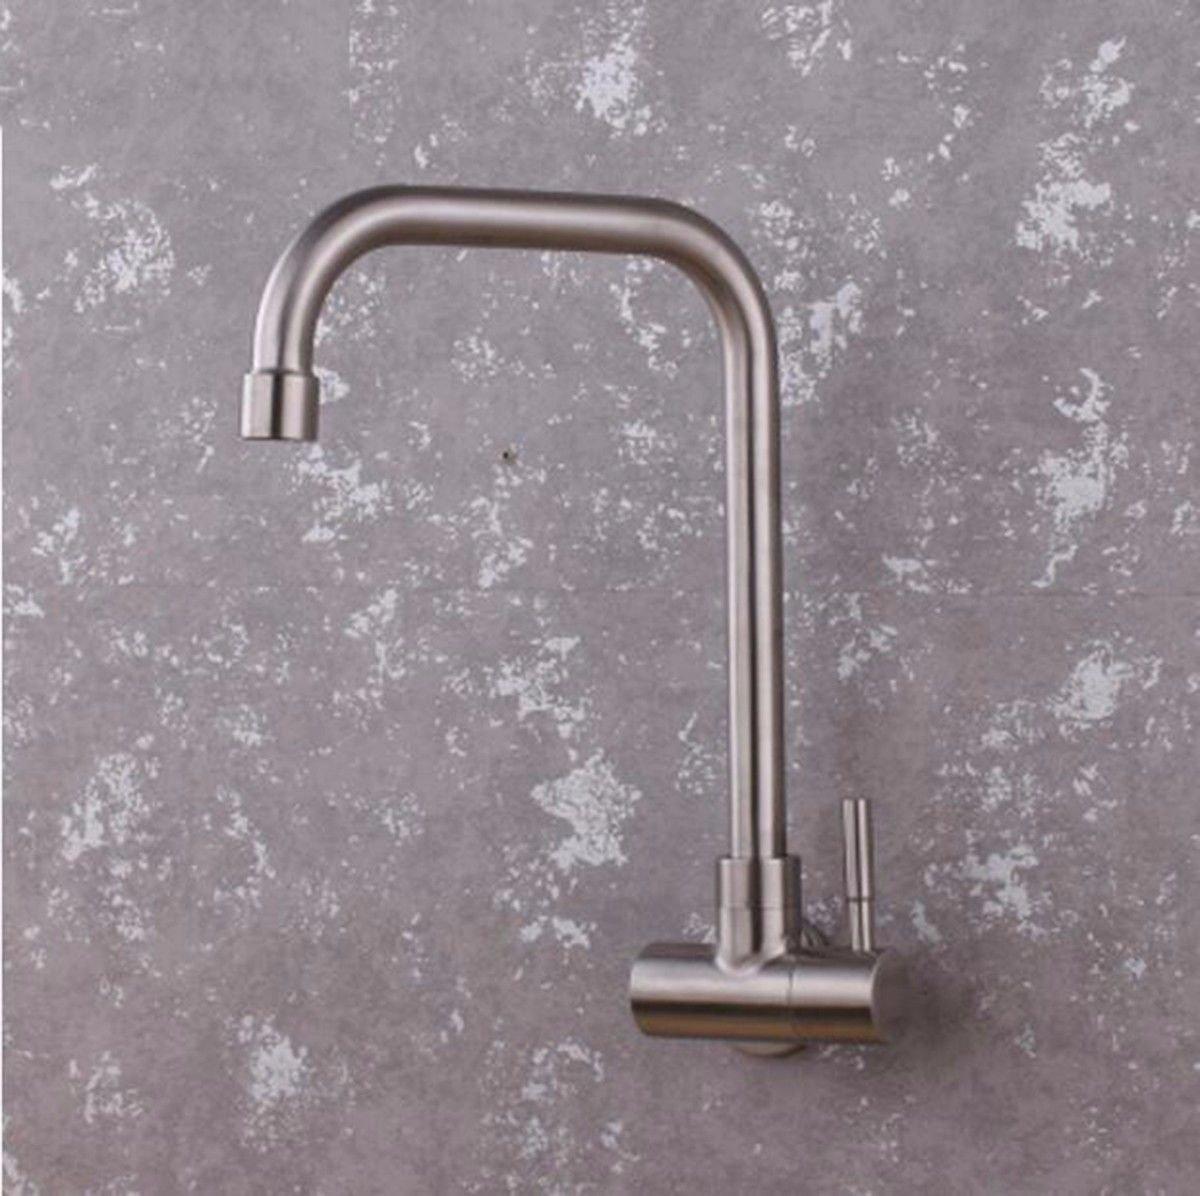 ETERNAL QUALITY Badezimmer Waschbecken Wasserhahn Messing Hahn Waschraum Mischer Mischbatterie Tippen Sie auf 304 Edelstahl Erkältung IN DER Wand MONTIERT Küche Wasserhah